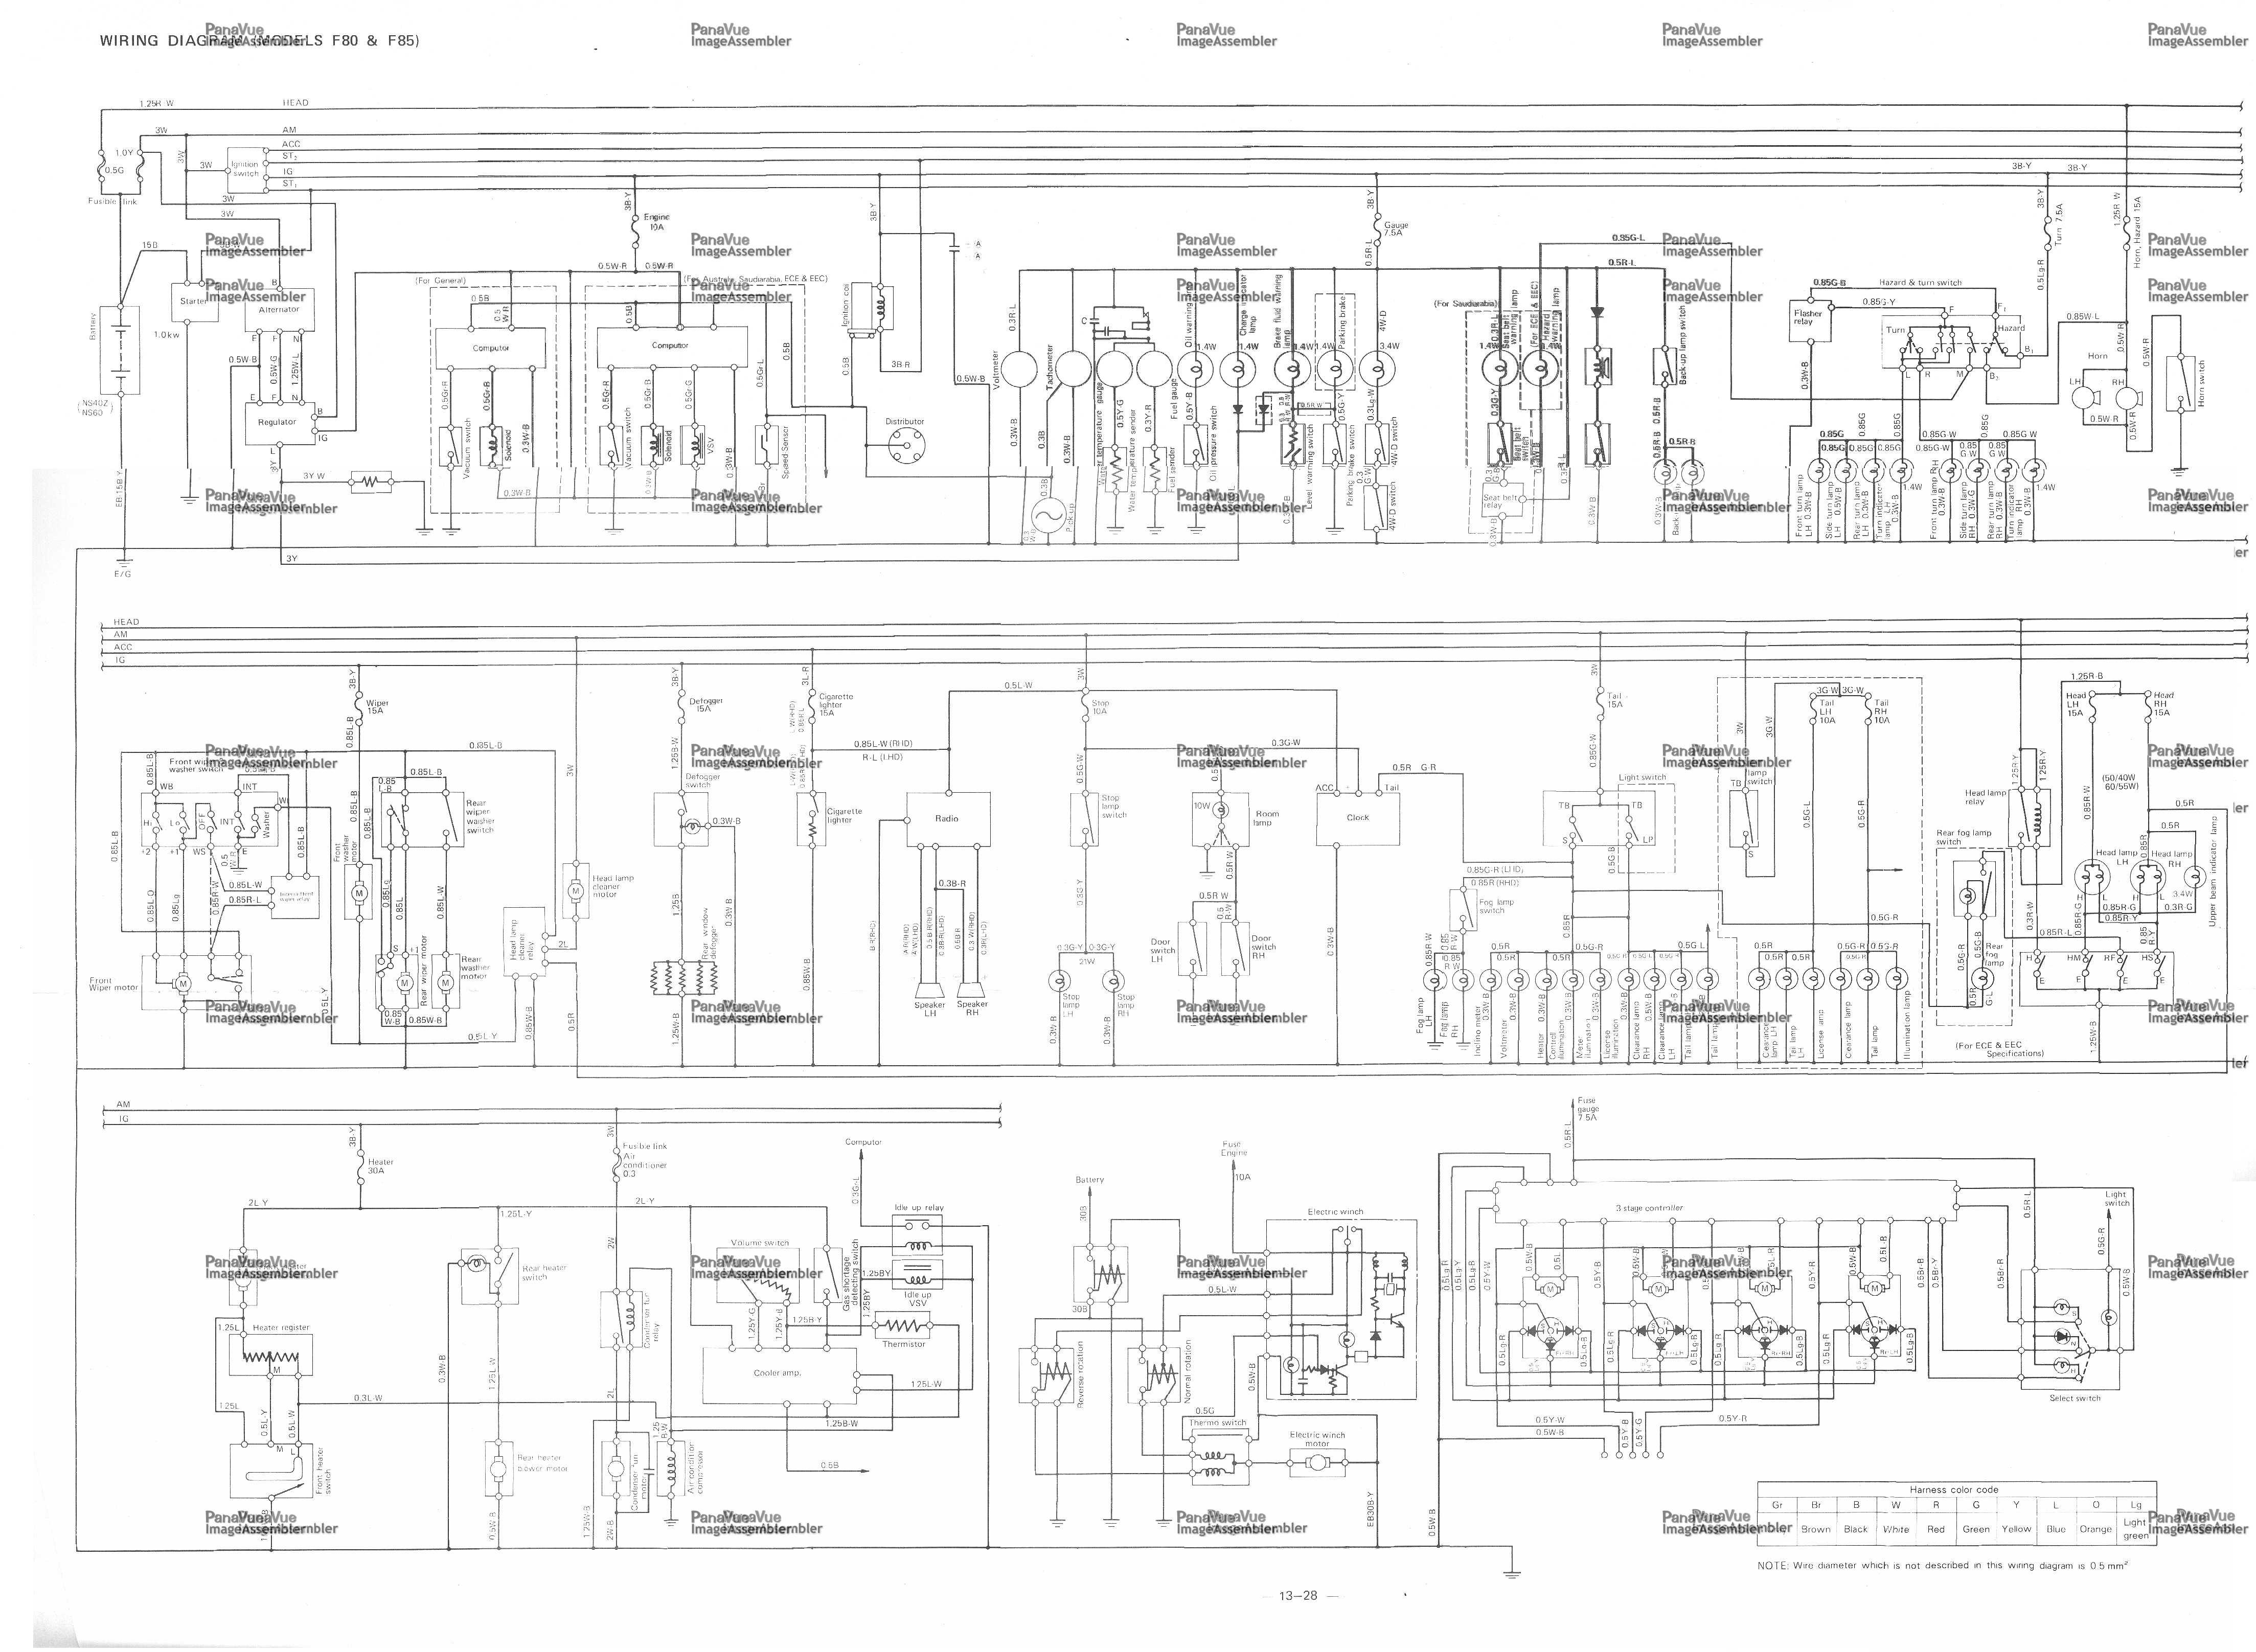 daihatsu wiring diagram wiring diagram schemes daihatsu error code 51 daihatsu cuore wiring diagram